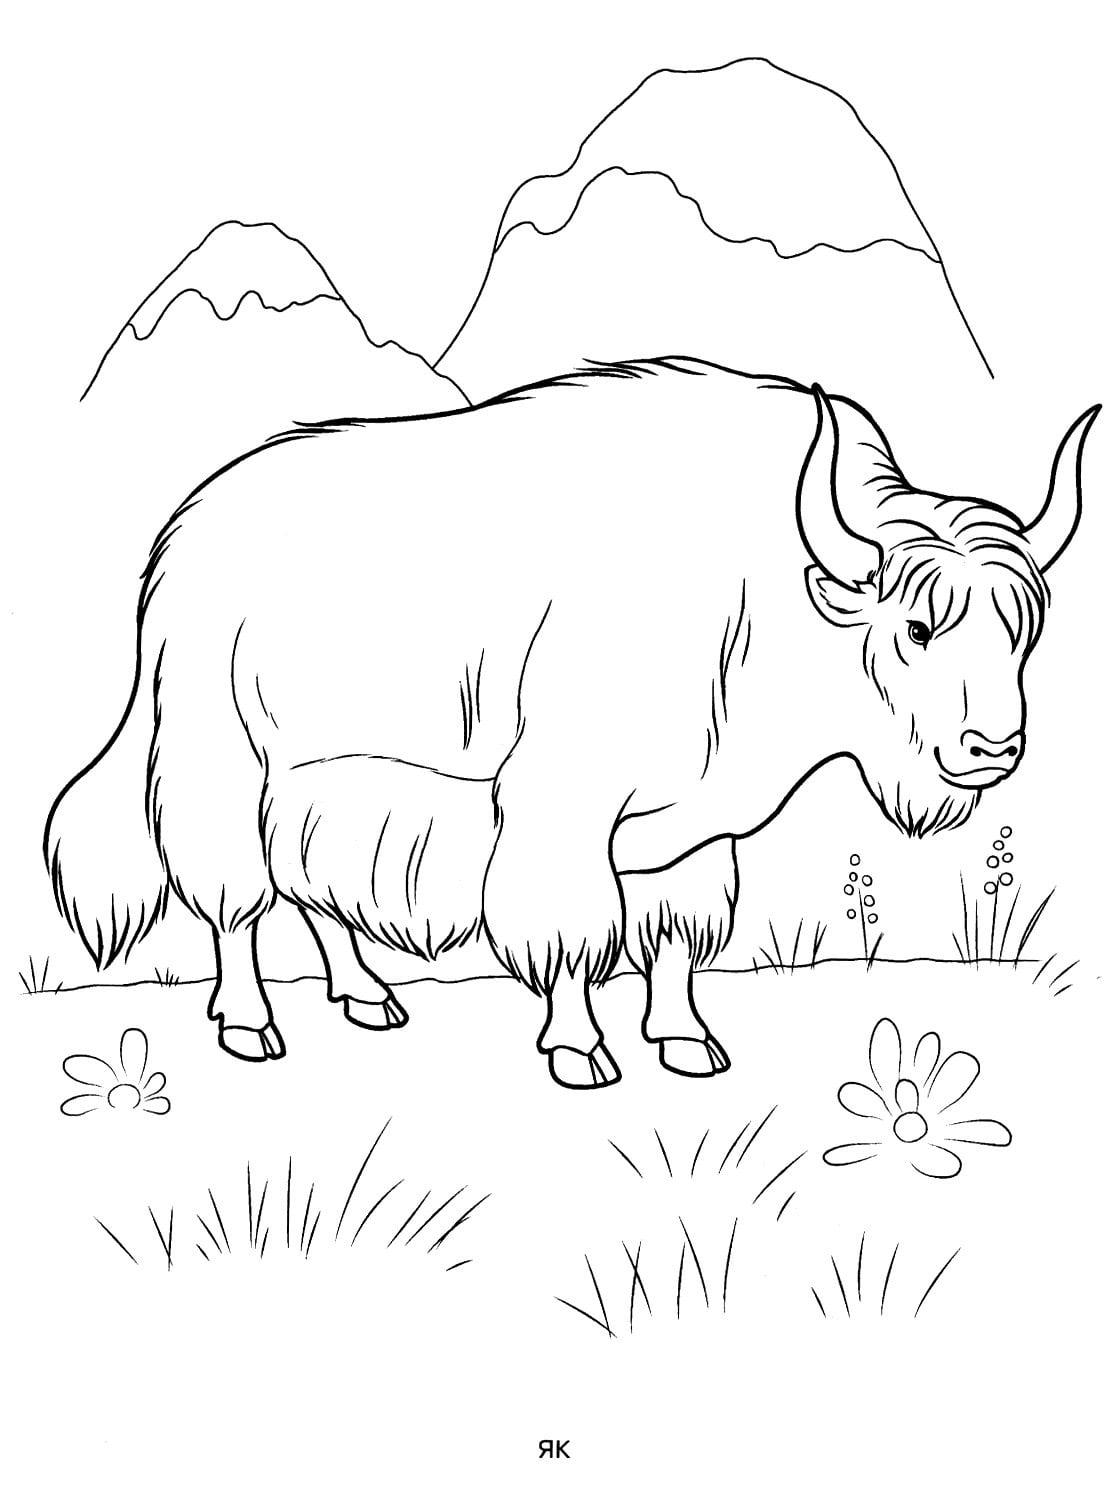 Раскраски диких животных для детей. Распечатайте онлайн!